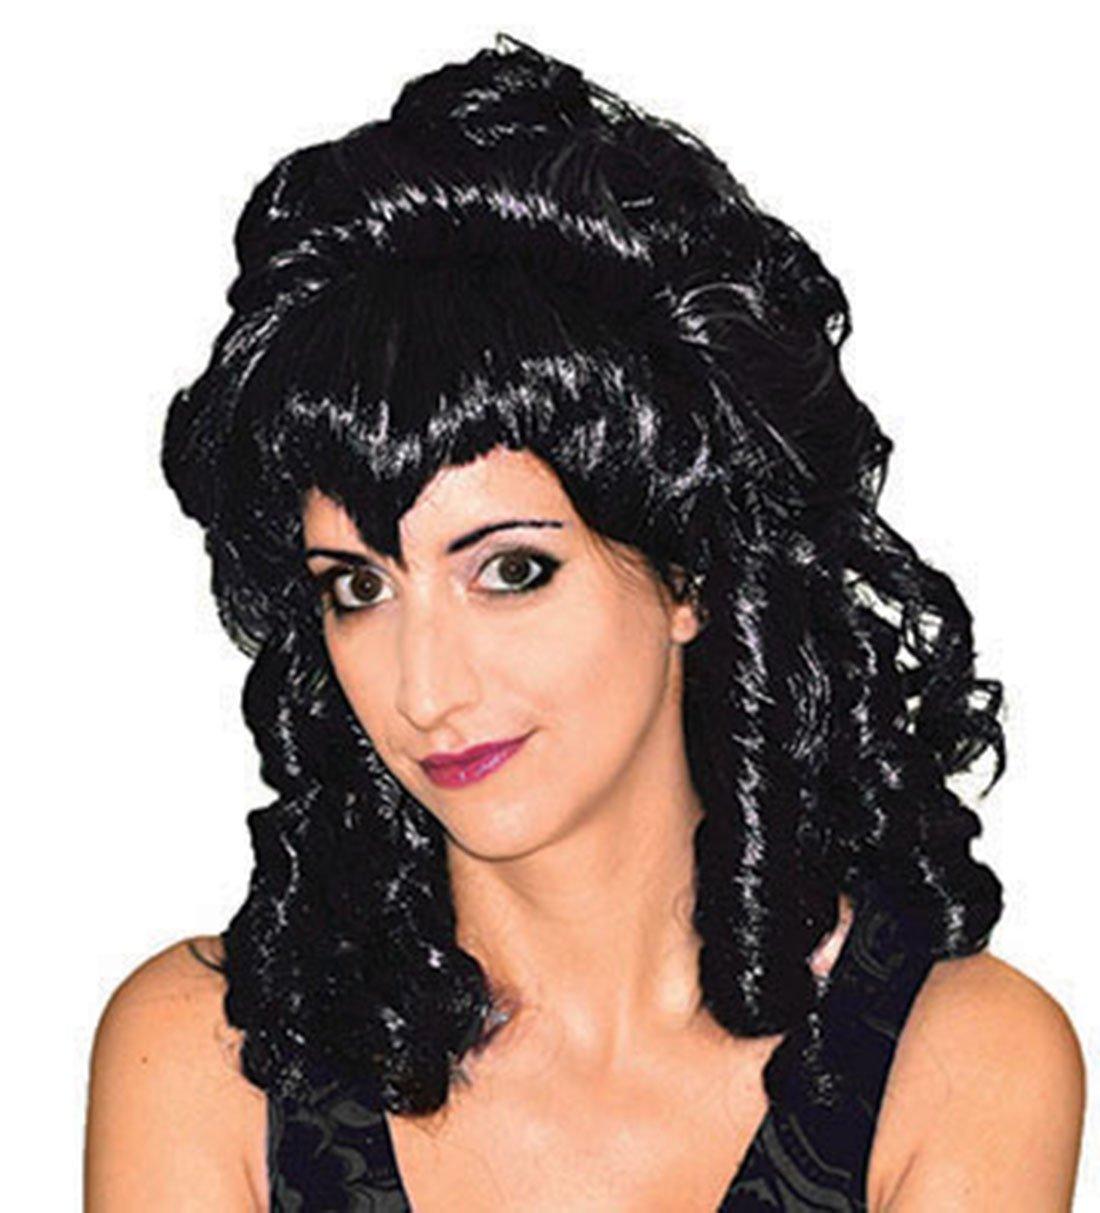 Faschingsfete Déguisement Fete Femme aristocrates perruque Vampire–Halloween Boucles Cheveux De Sorcière, Noir 3 horses